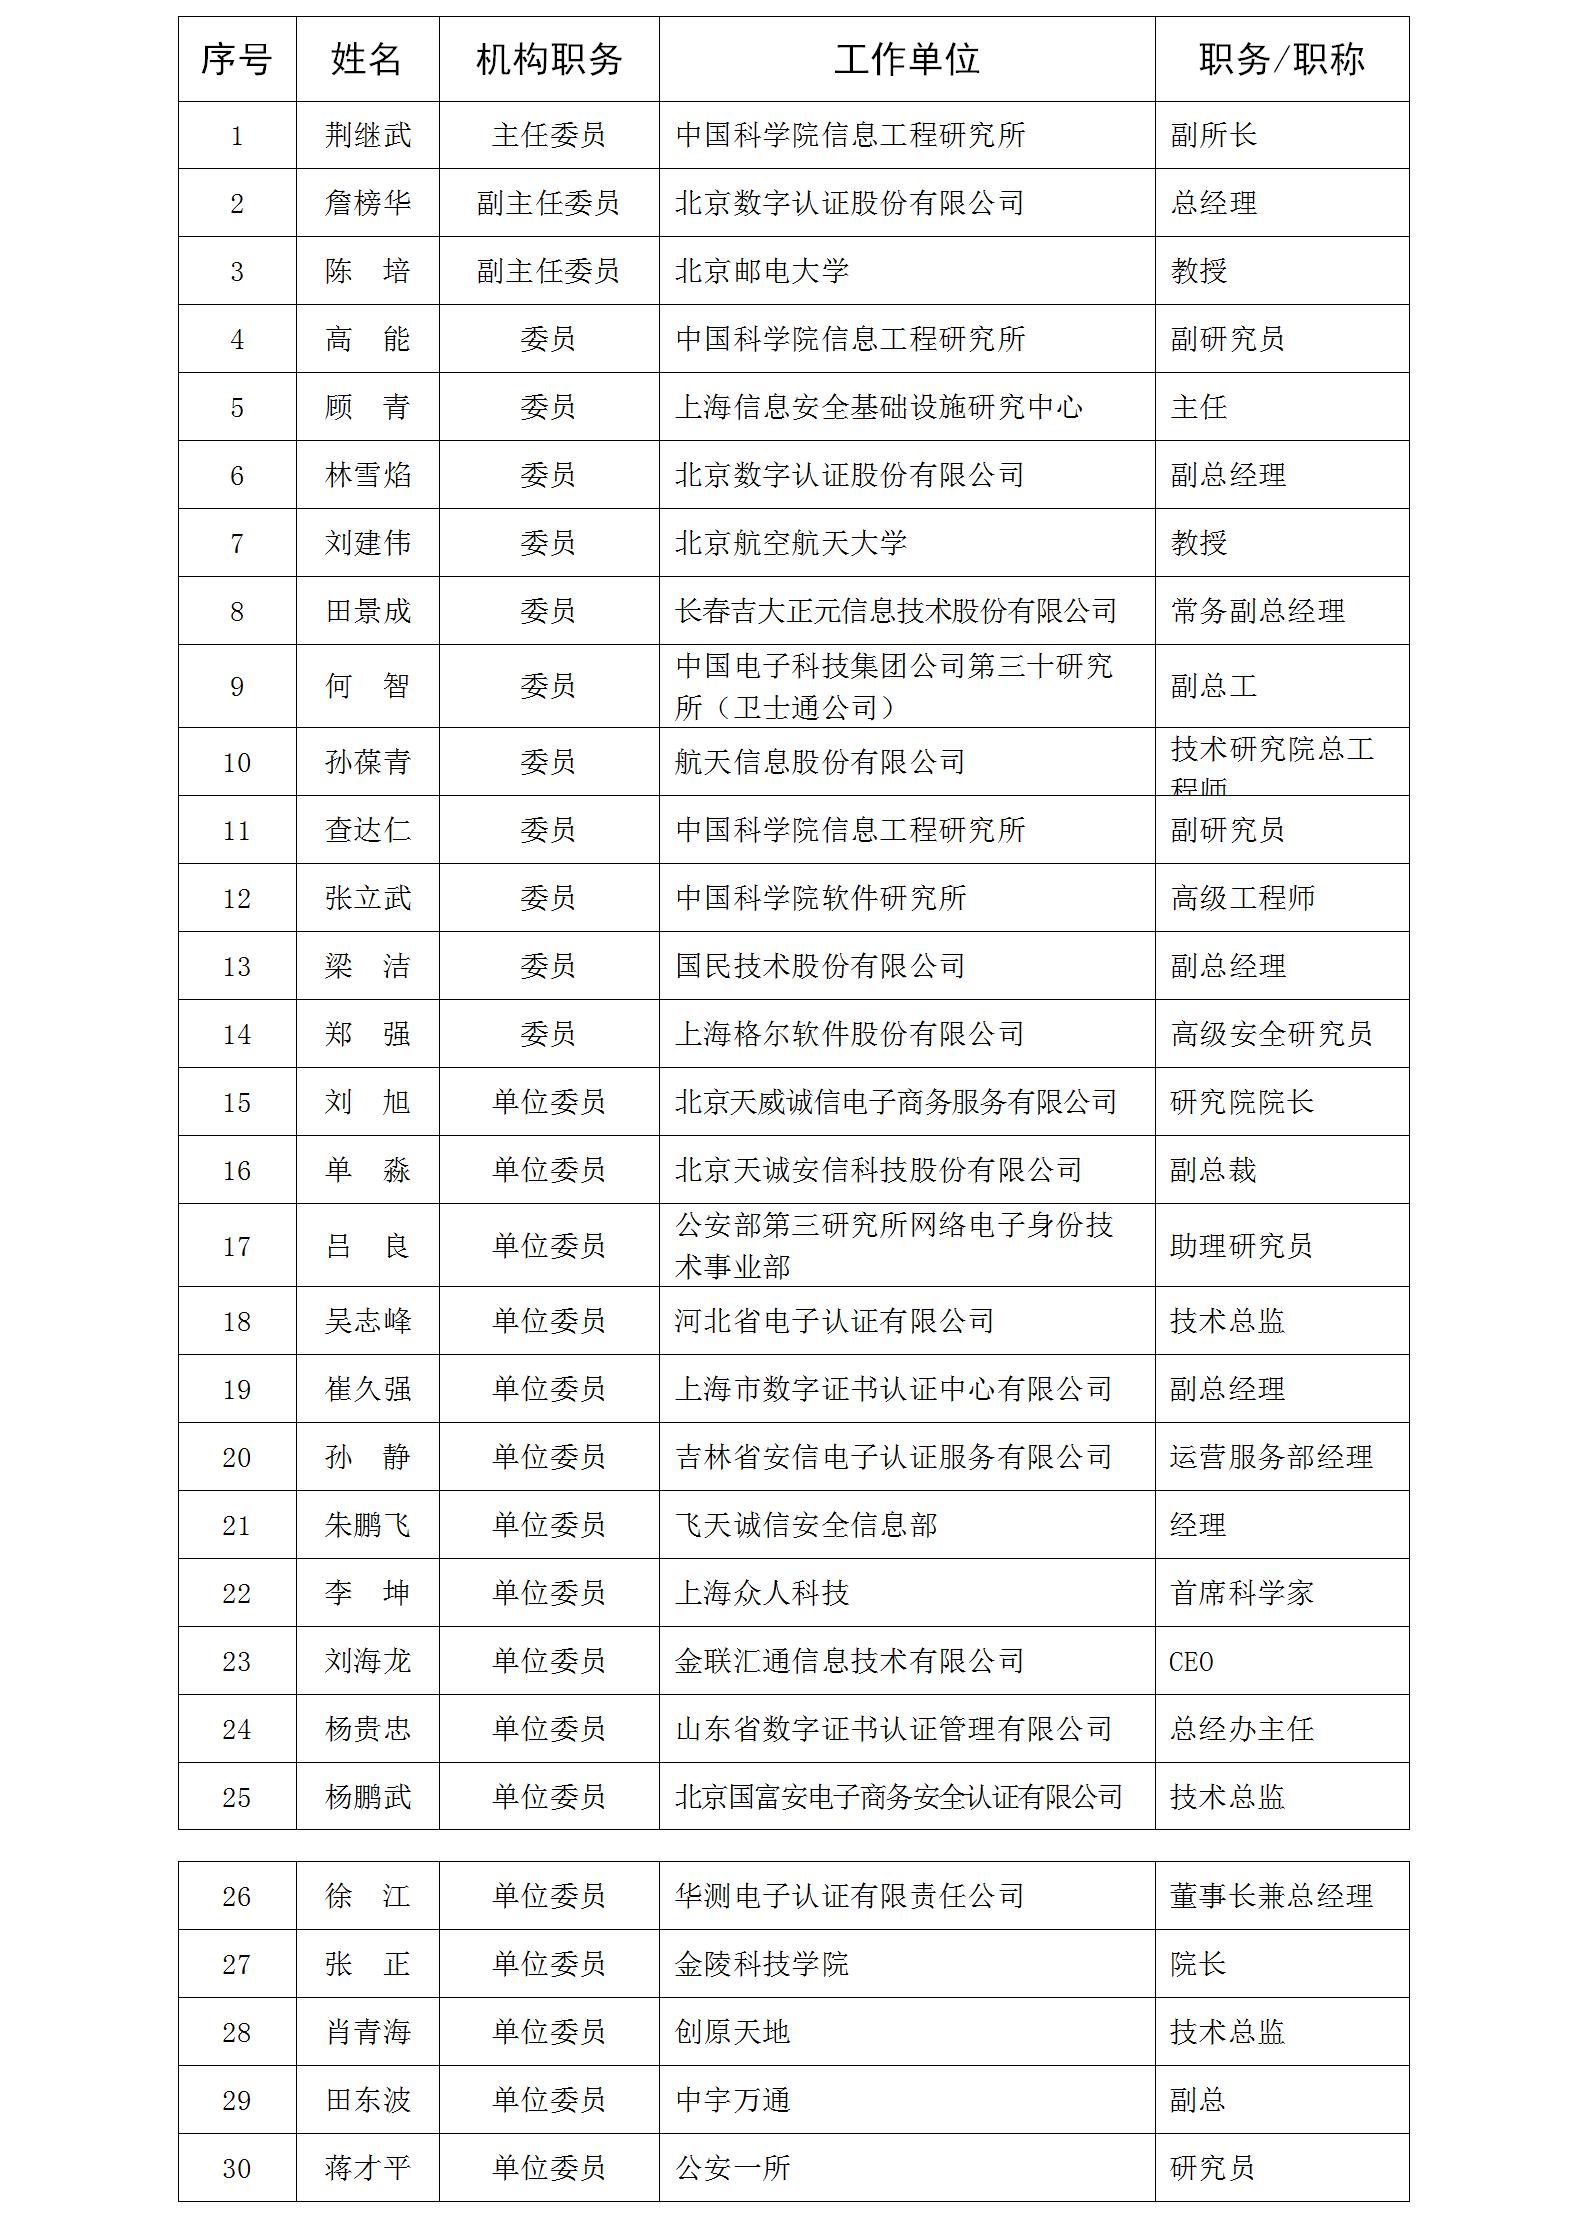 第一届中国密码学会电子认证专业委员会委员名单.png